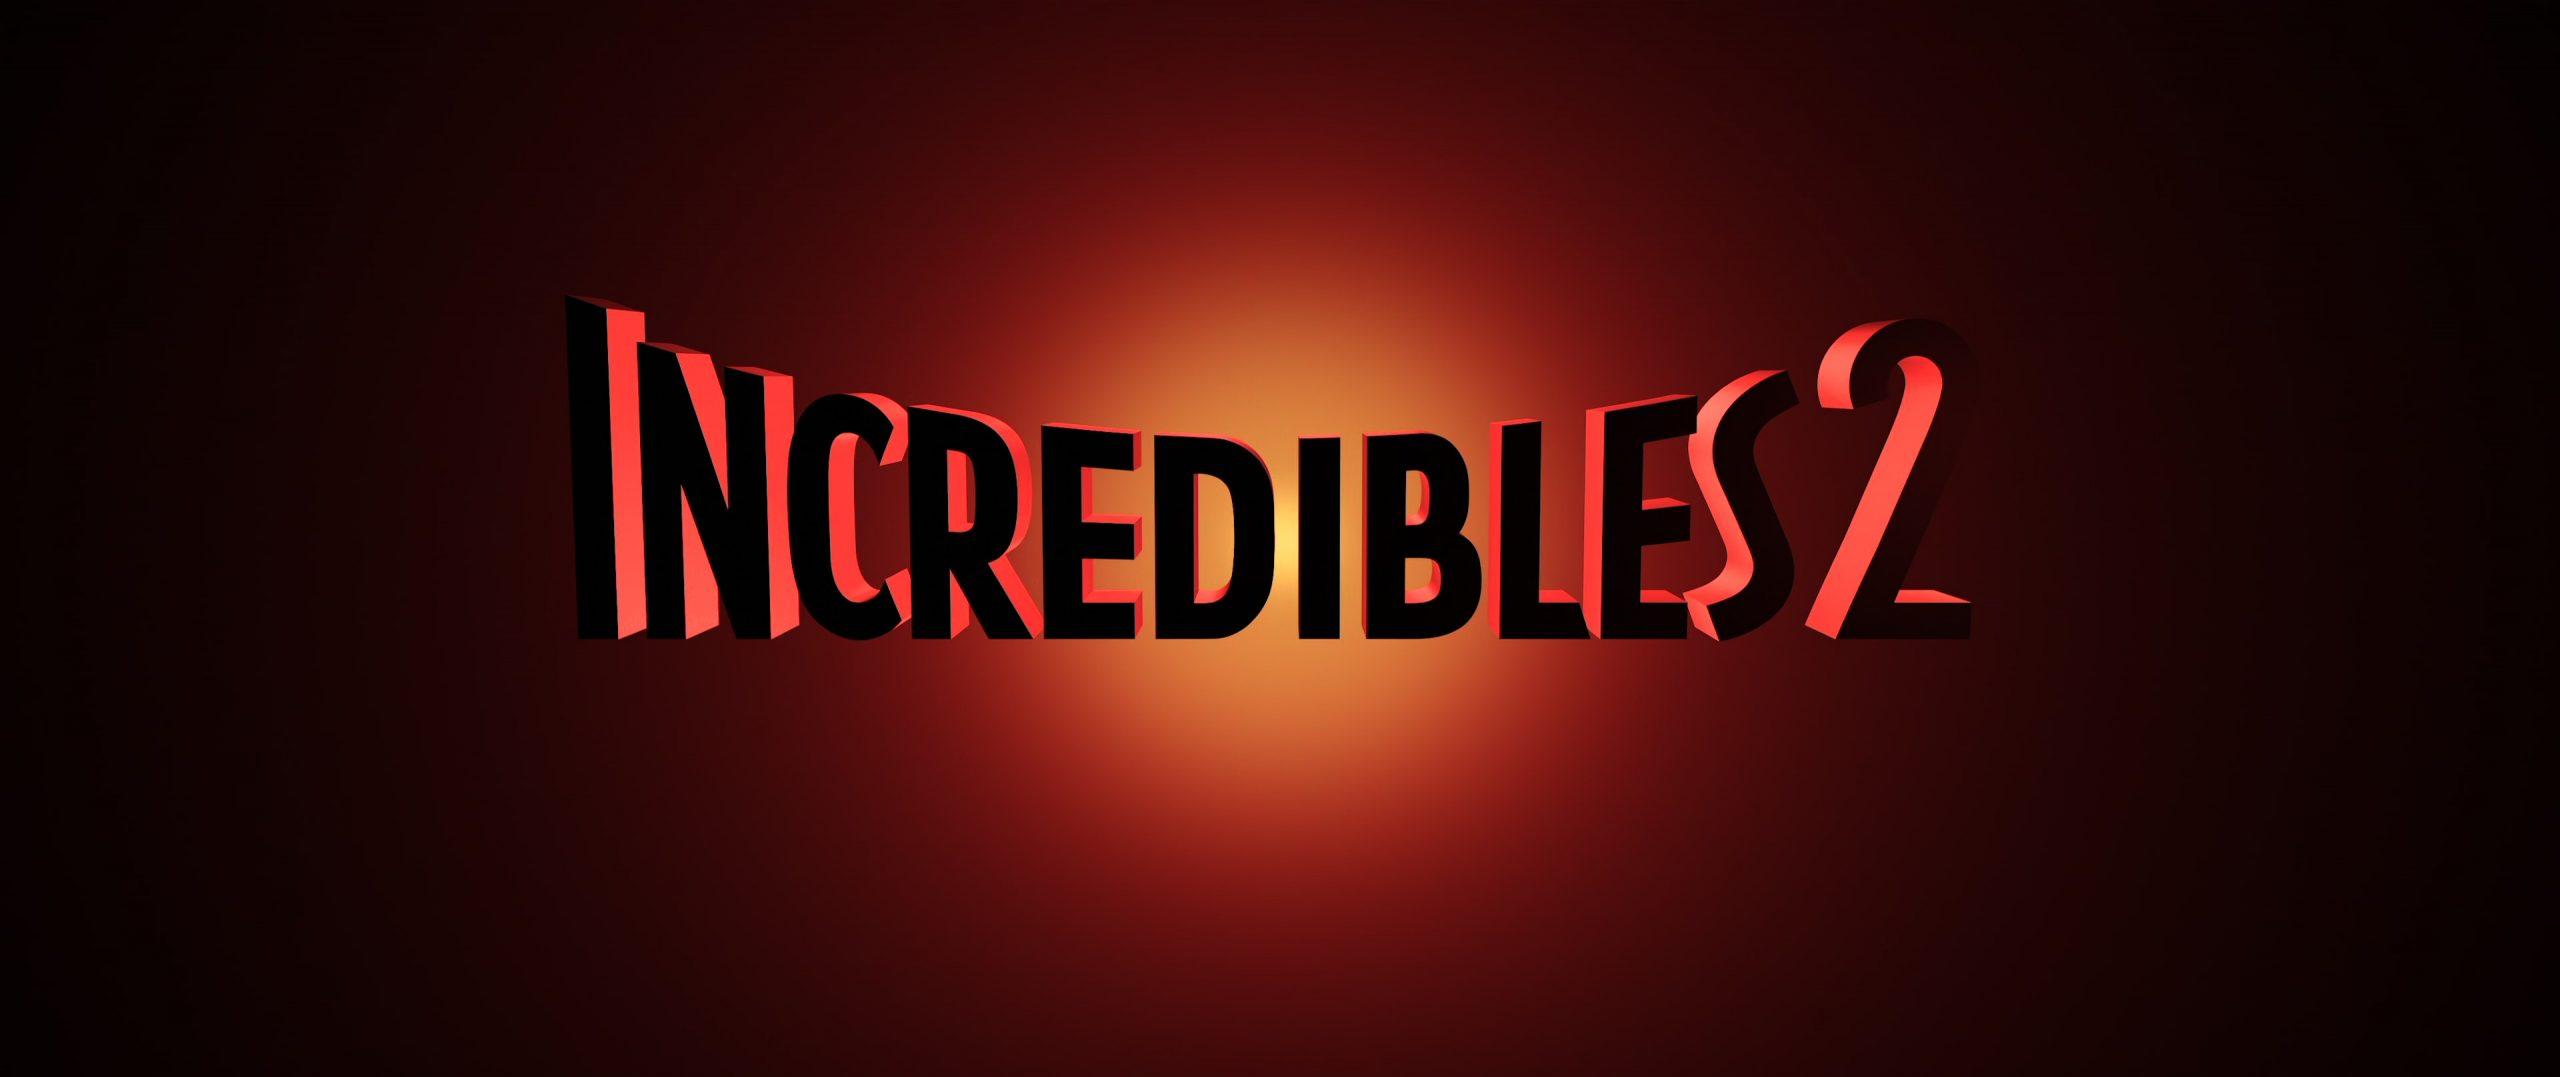 Incredibles 2 (2018) [4K]